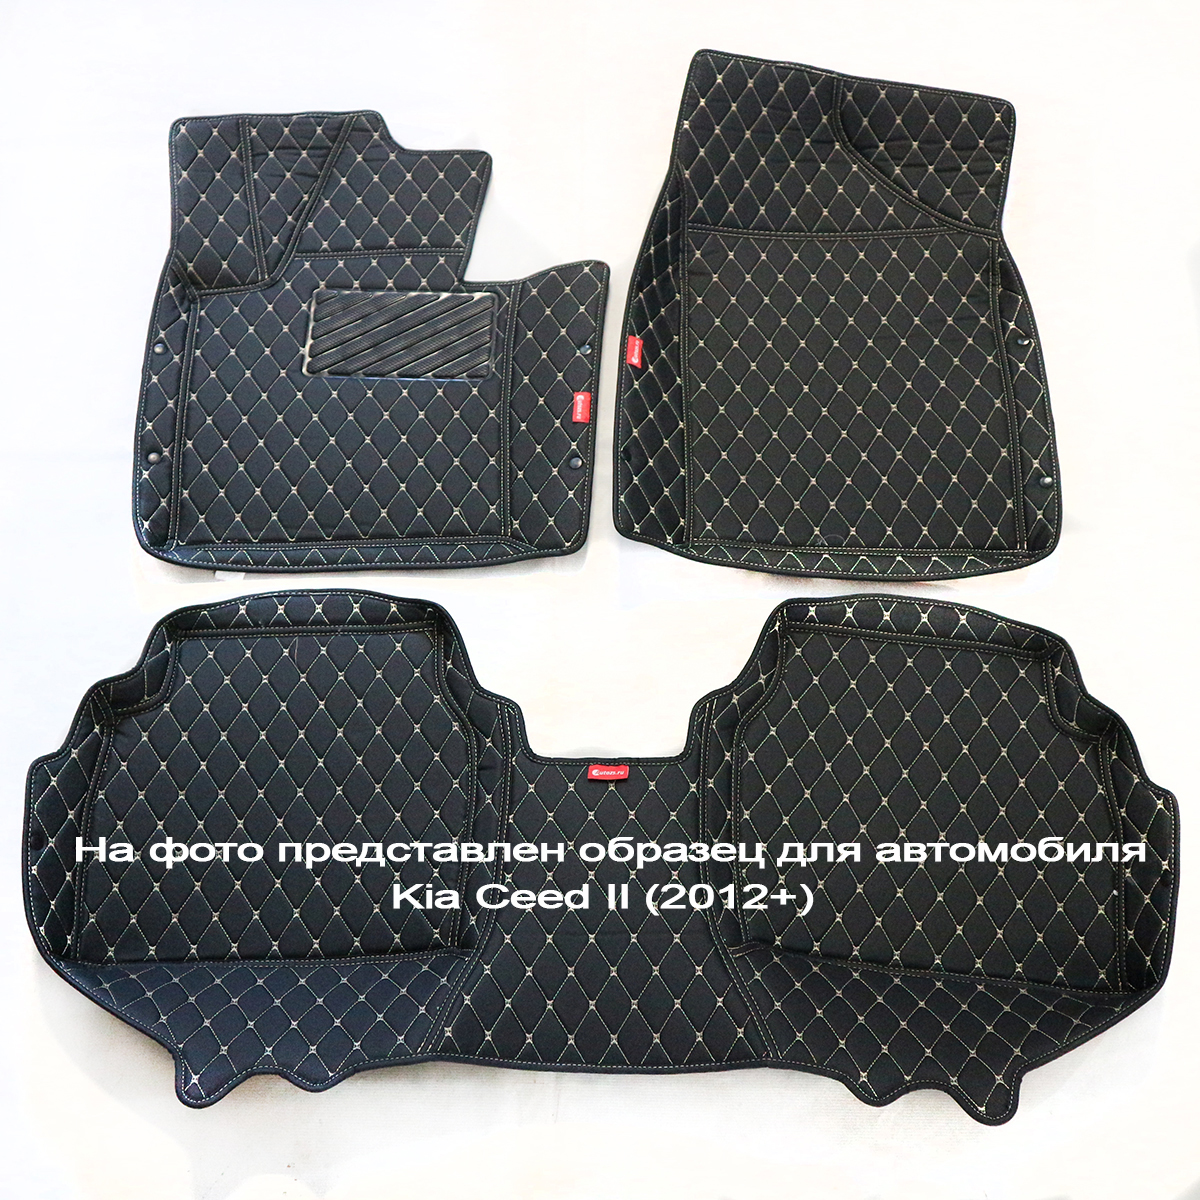 Кожаные коврики для Nissan Patrol VI (Y62) (2010-2014)Автомобильные кожаные коврики<br>Черные...<br>